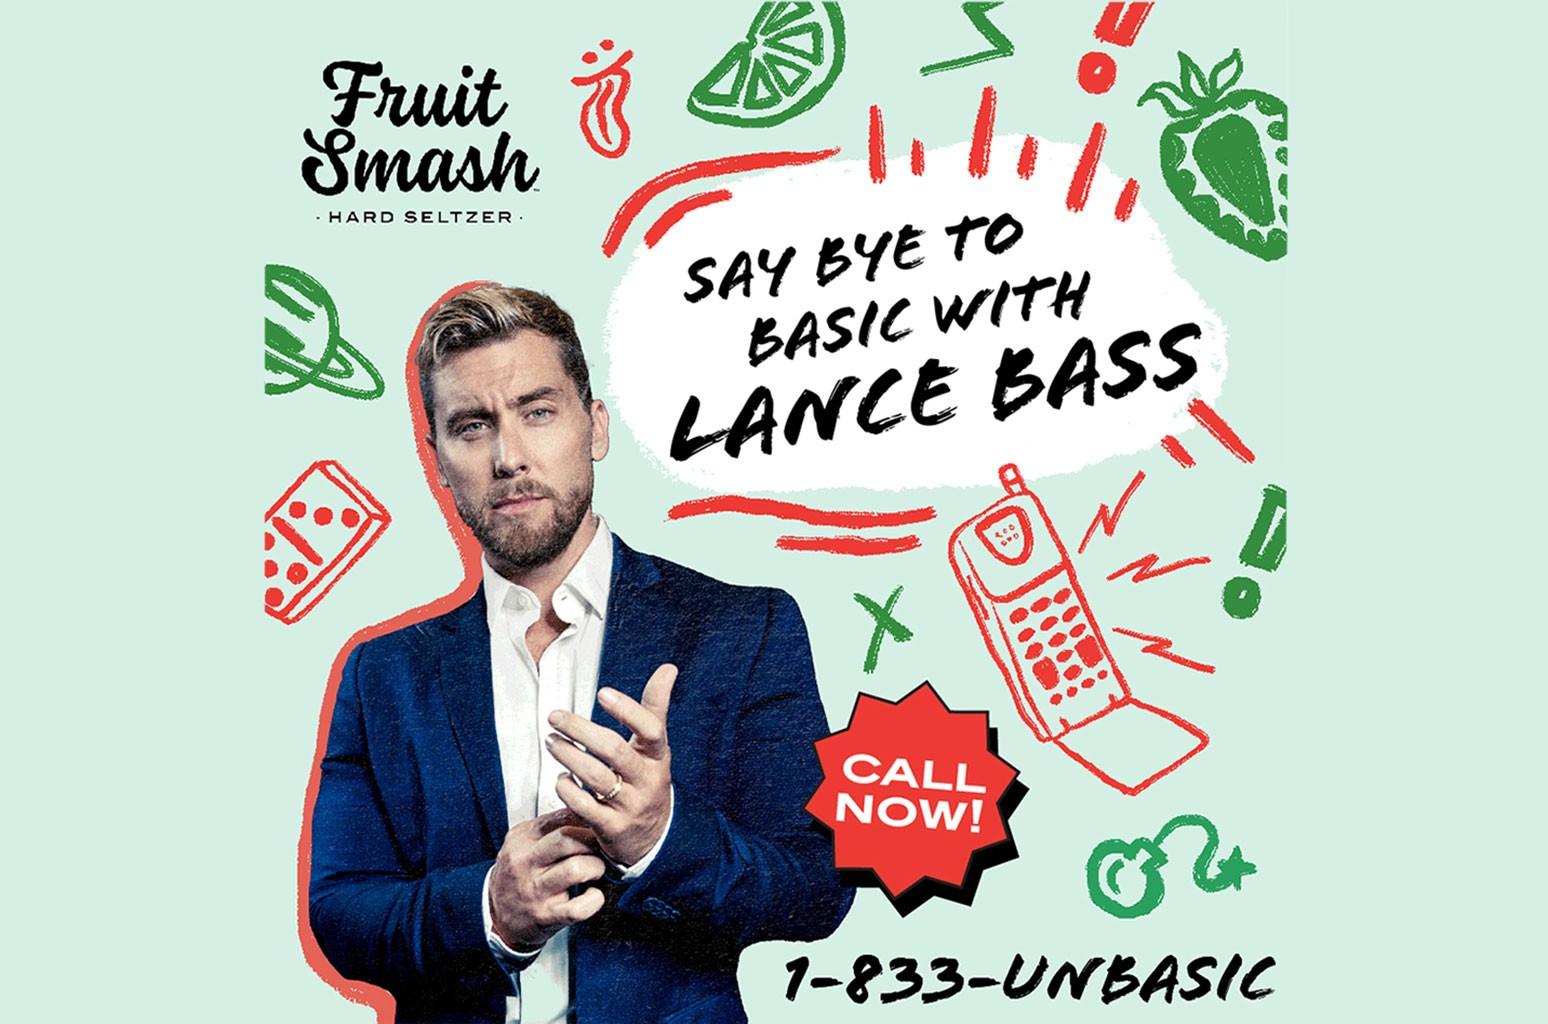 Lance Bass Is Saying 'Bye to Basic' With New Fruit Smash Hard Seltzer Hotline